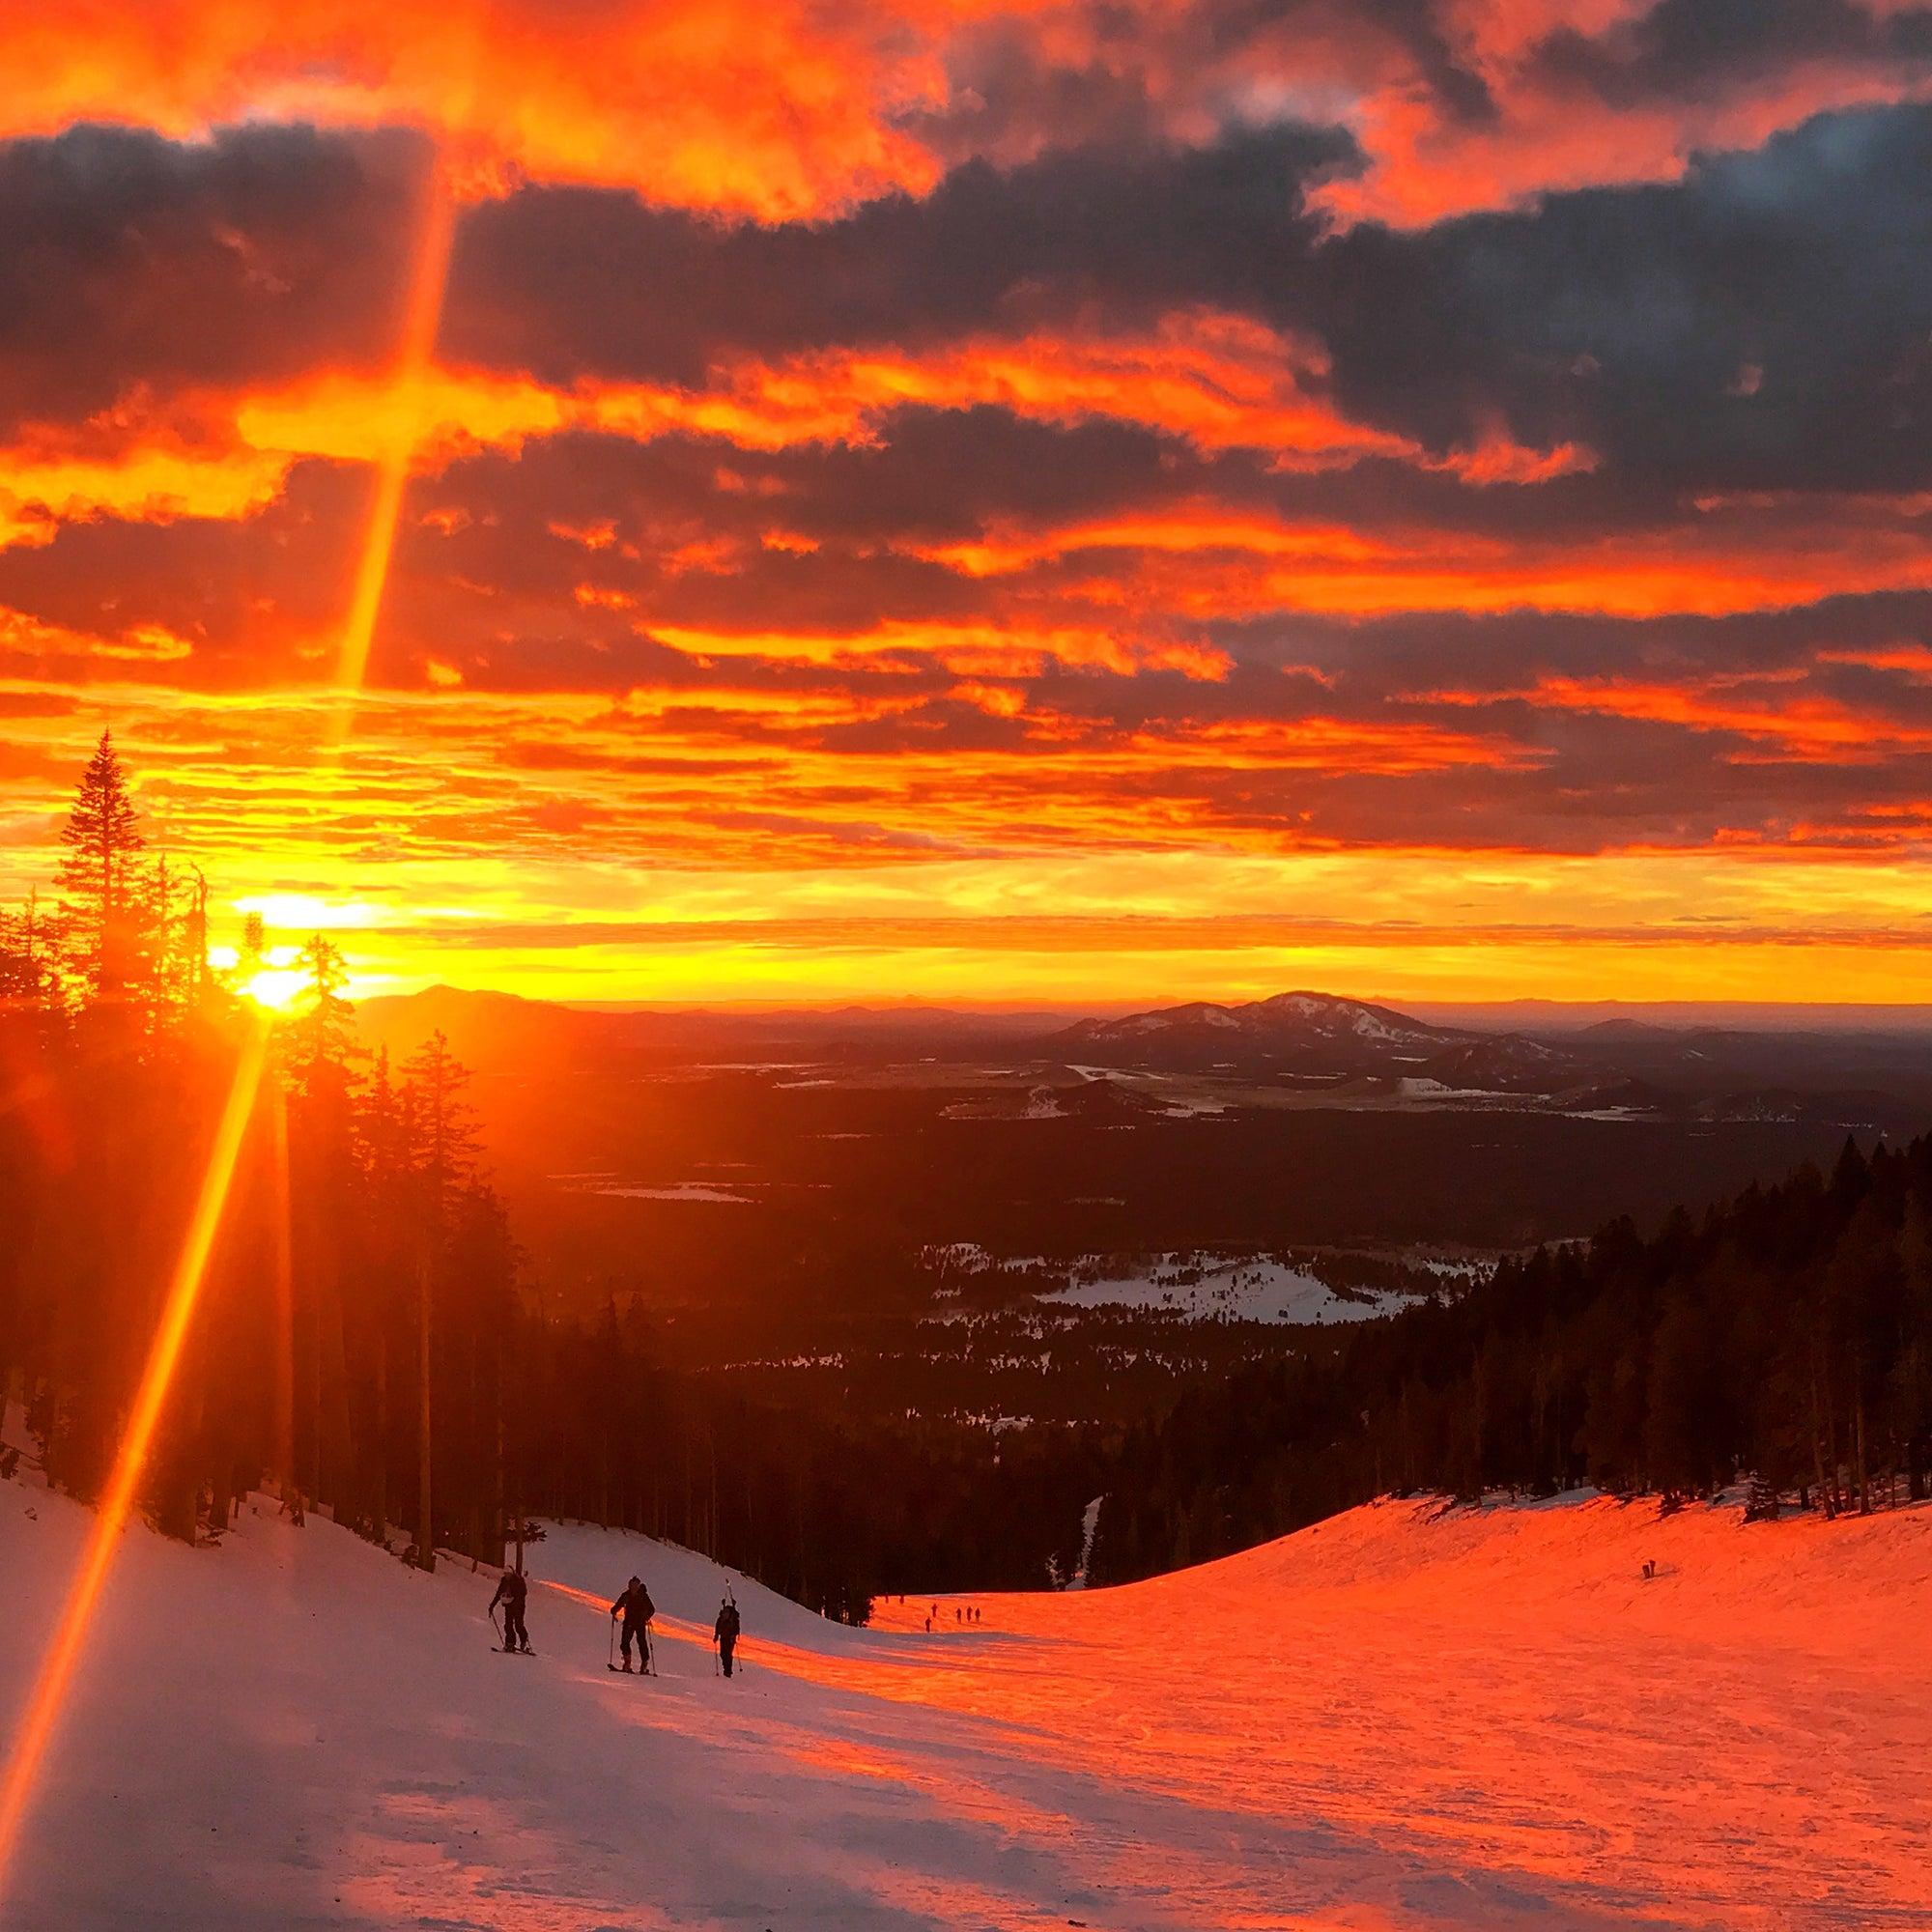 skimo sunrise